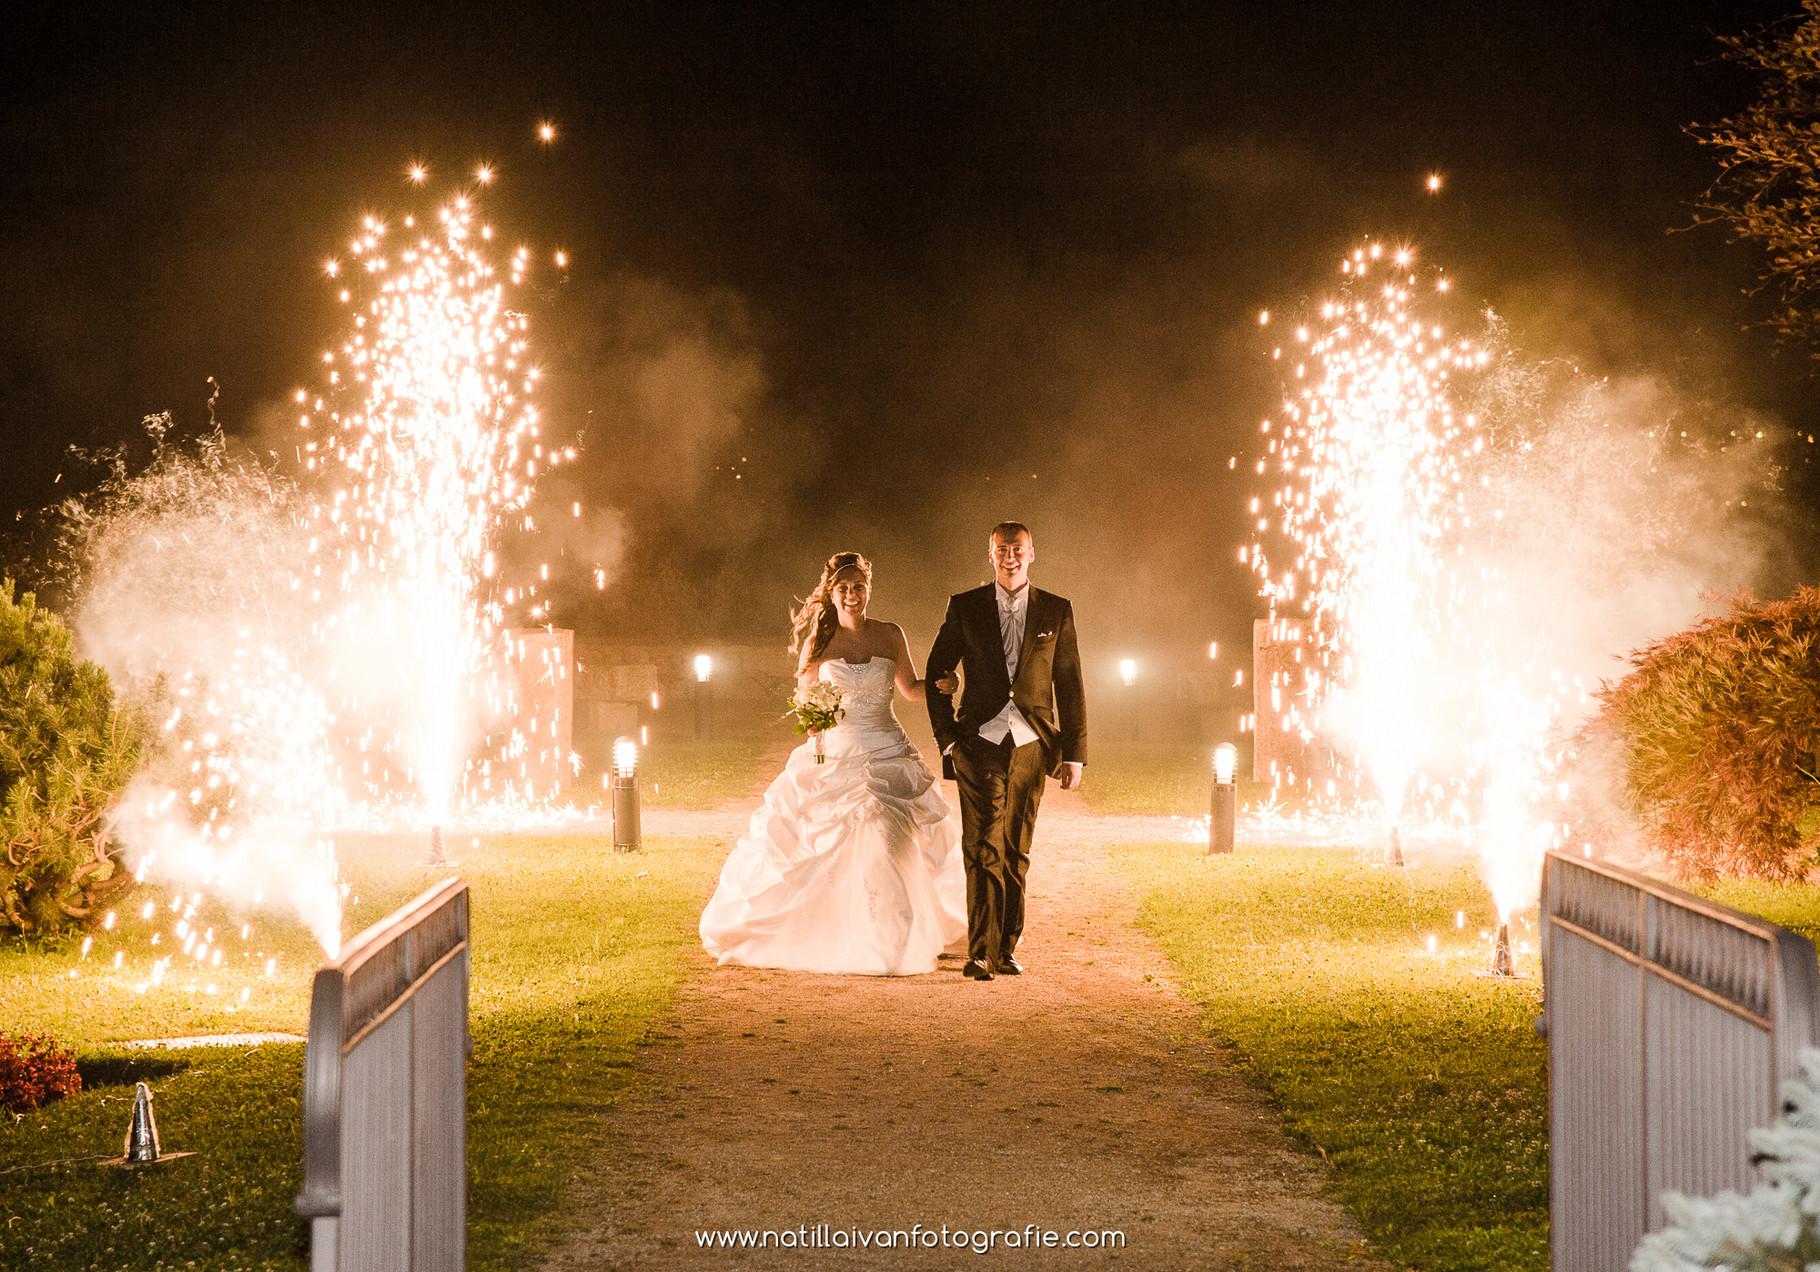 Fotografo Matrimonio Rozzano - Matrimonio Emilia e Fabio